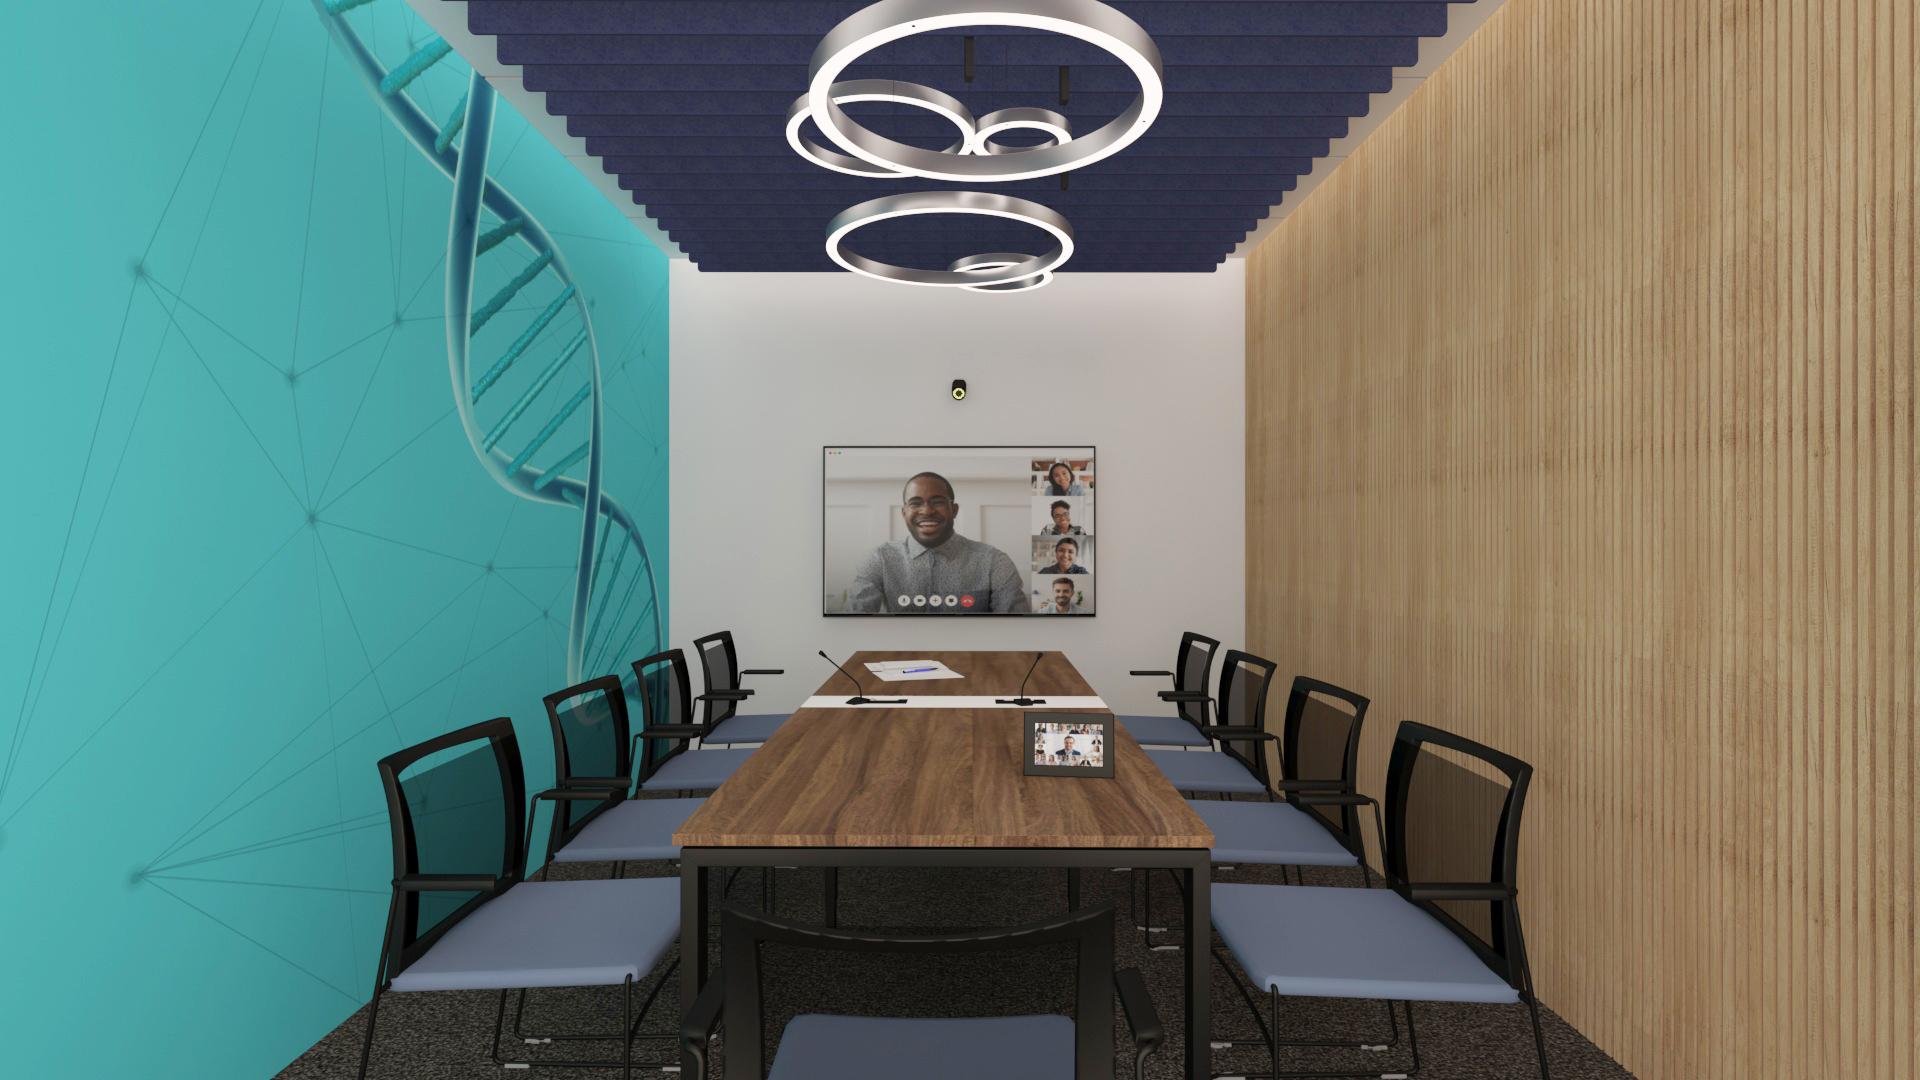 Videó konference room